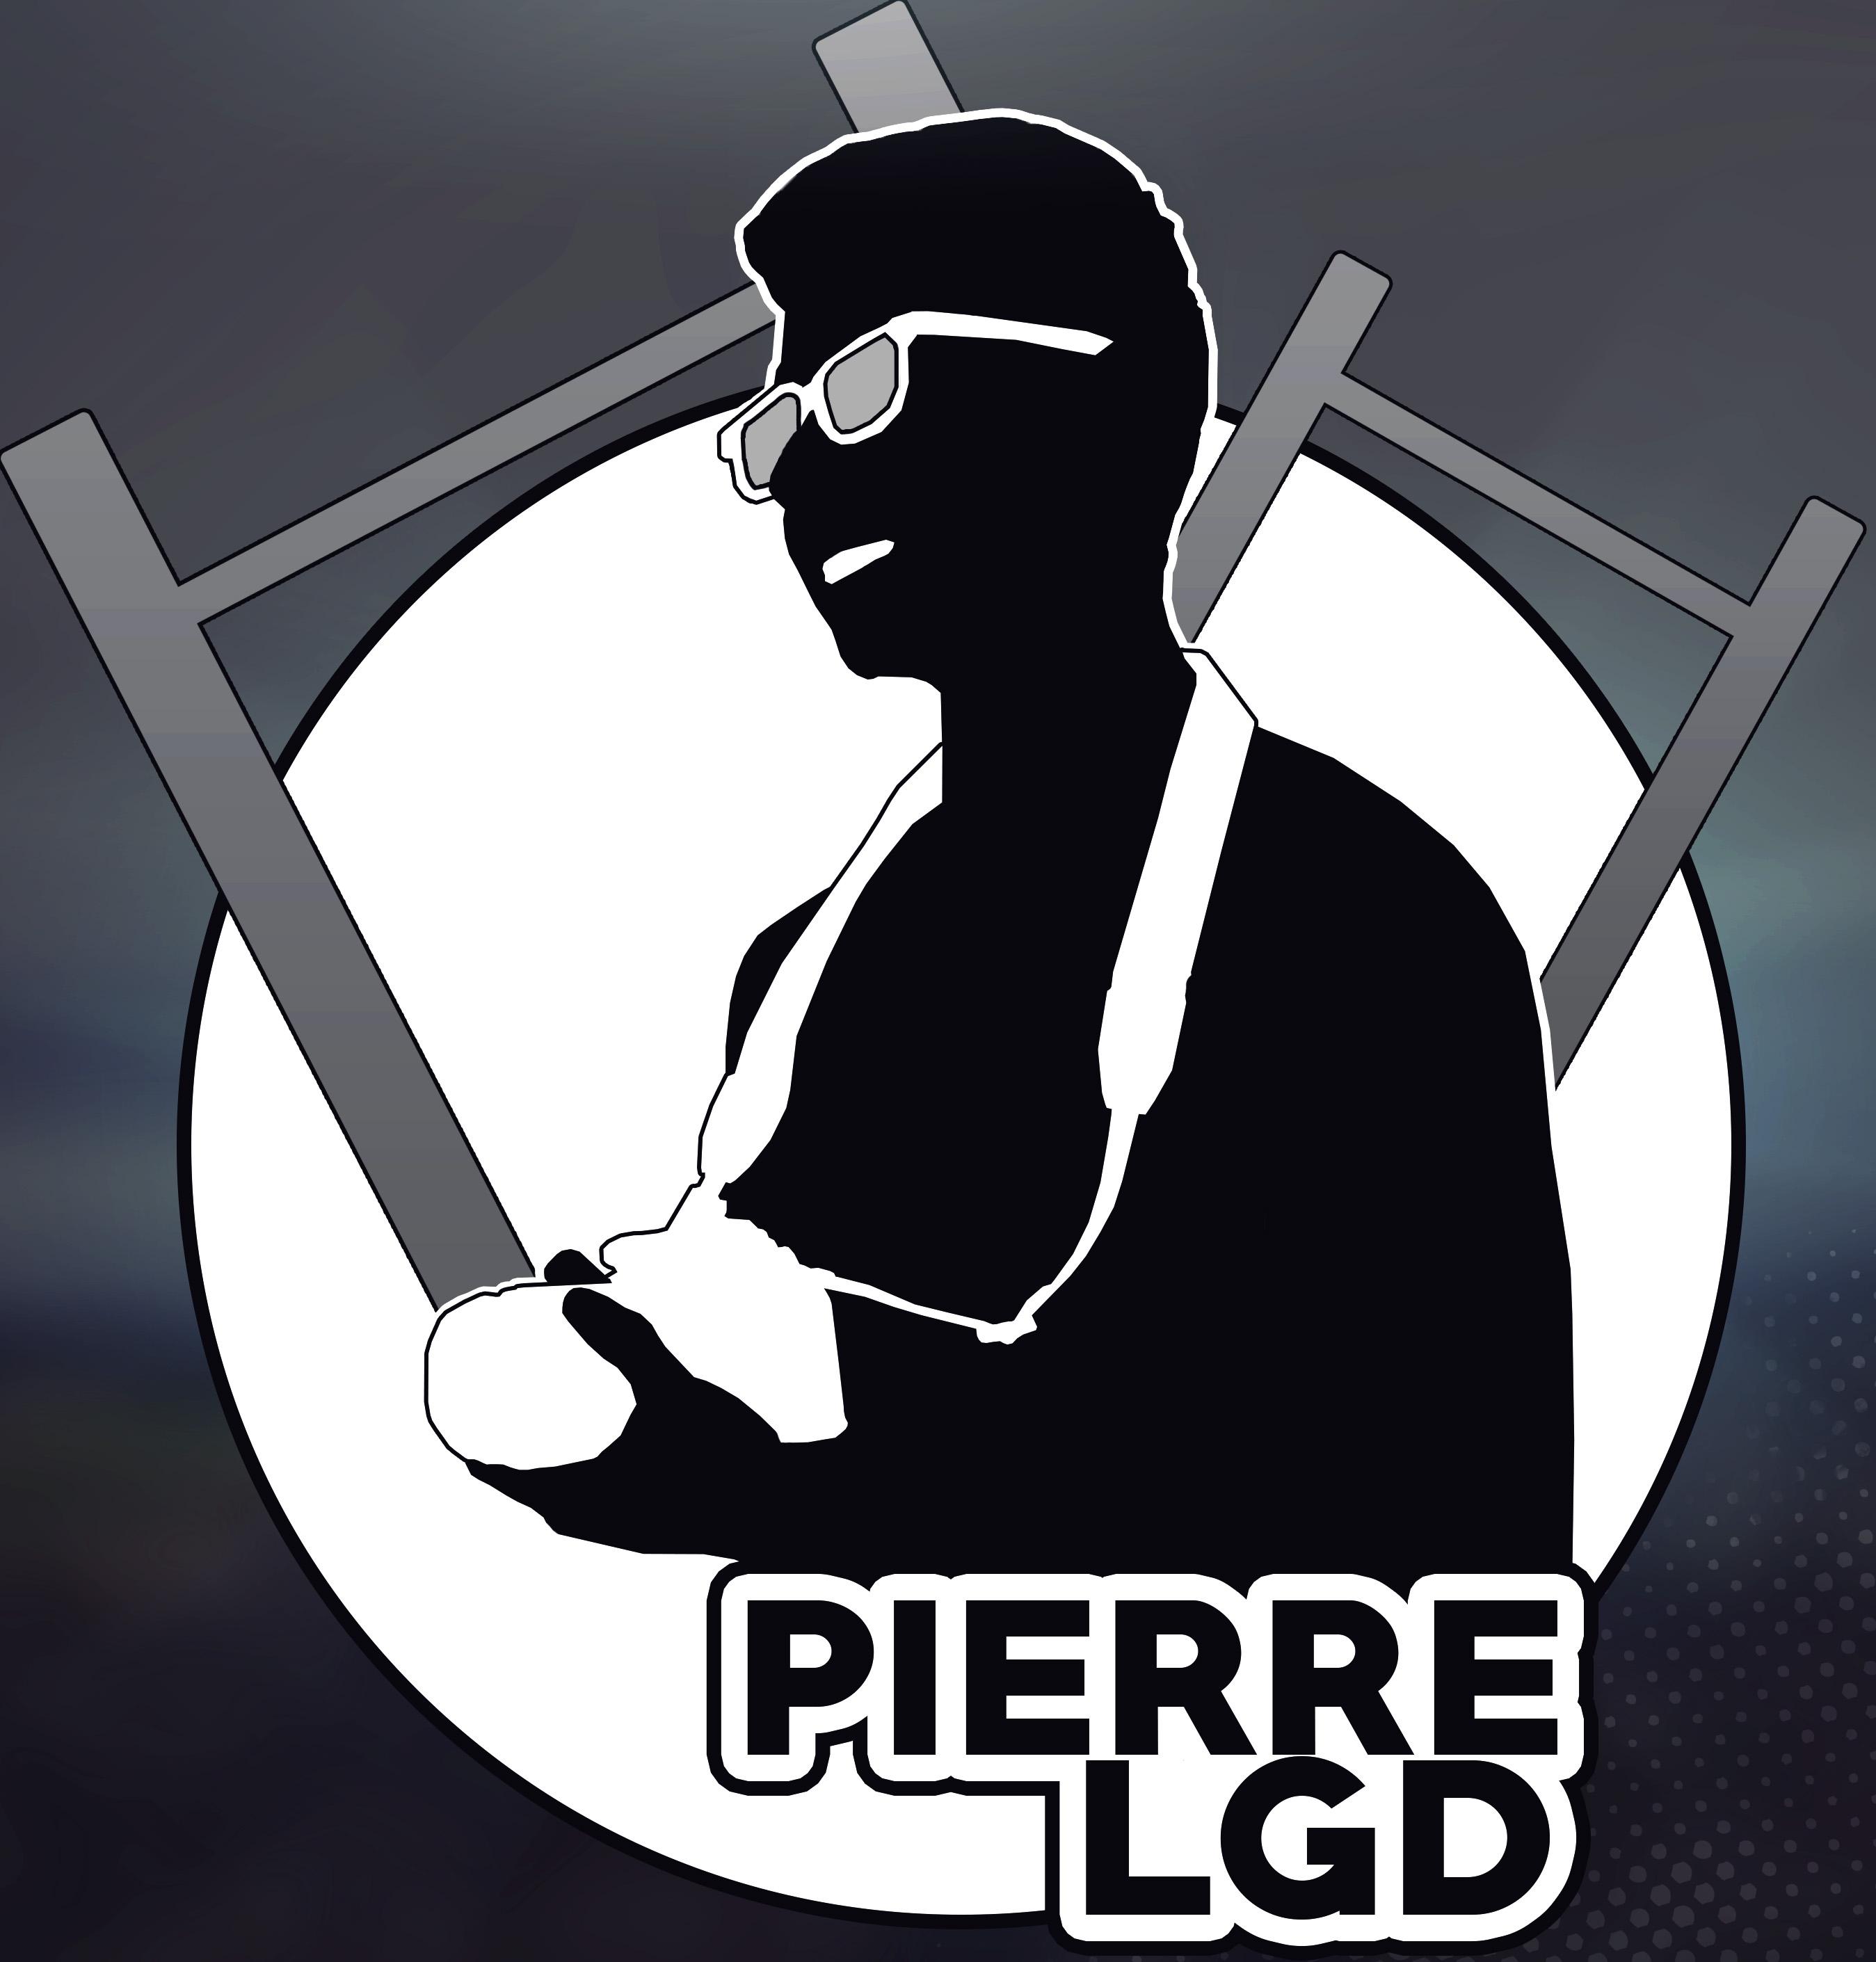 Pierre Lgd